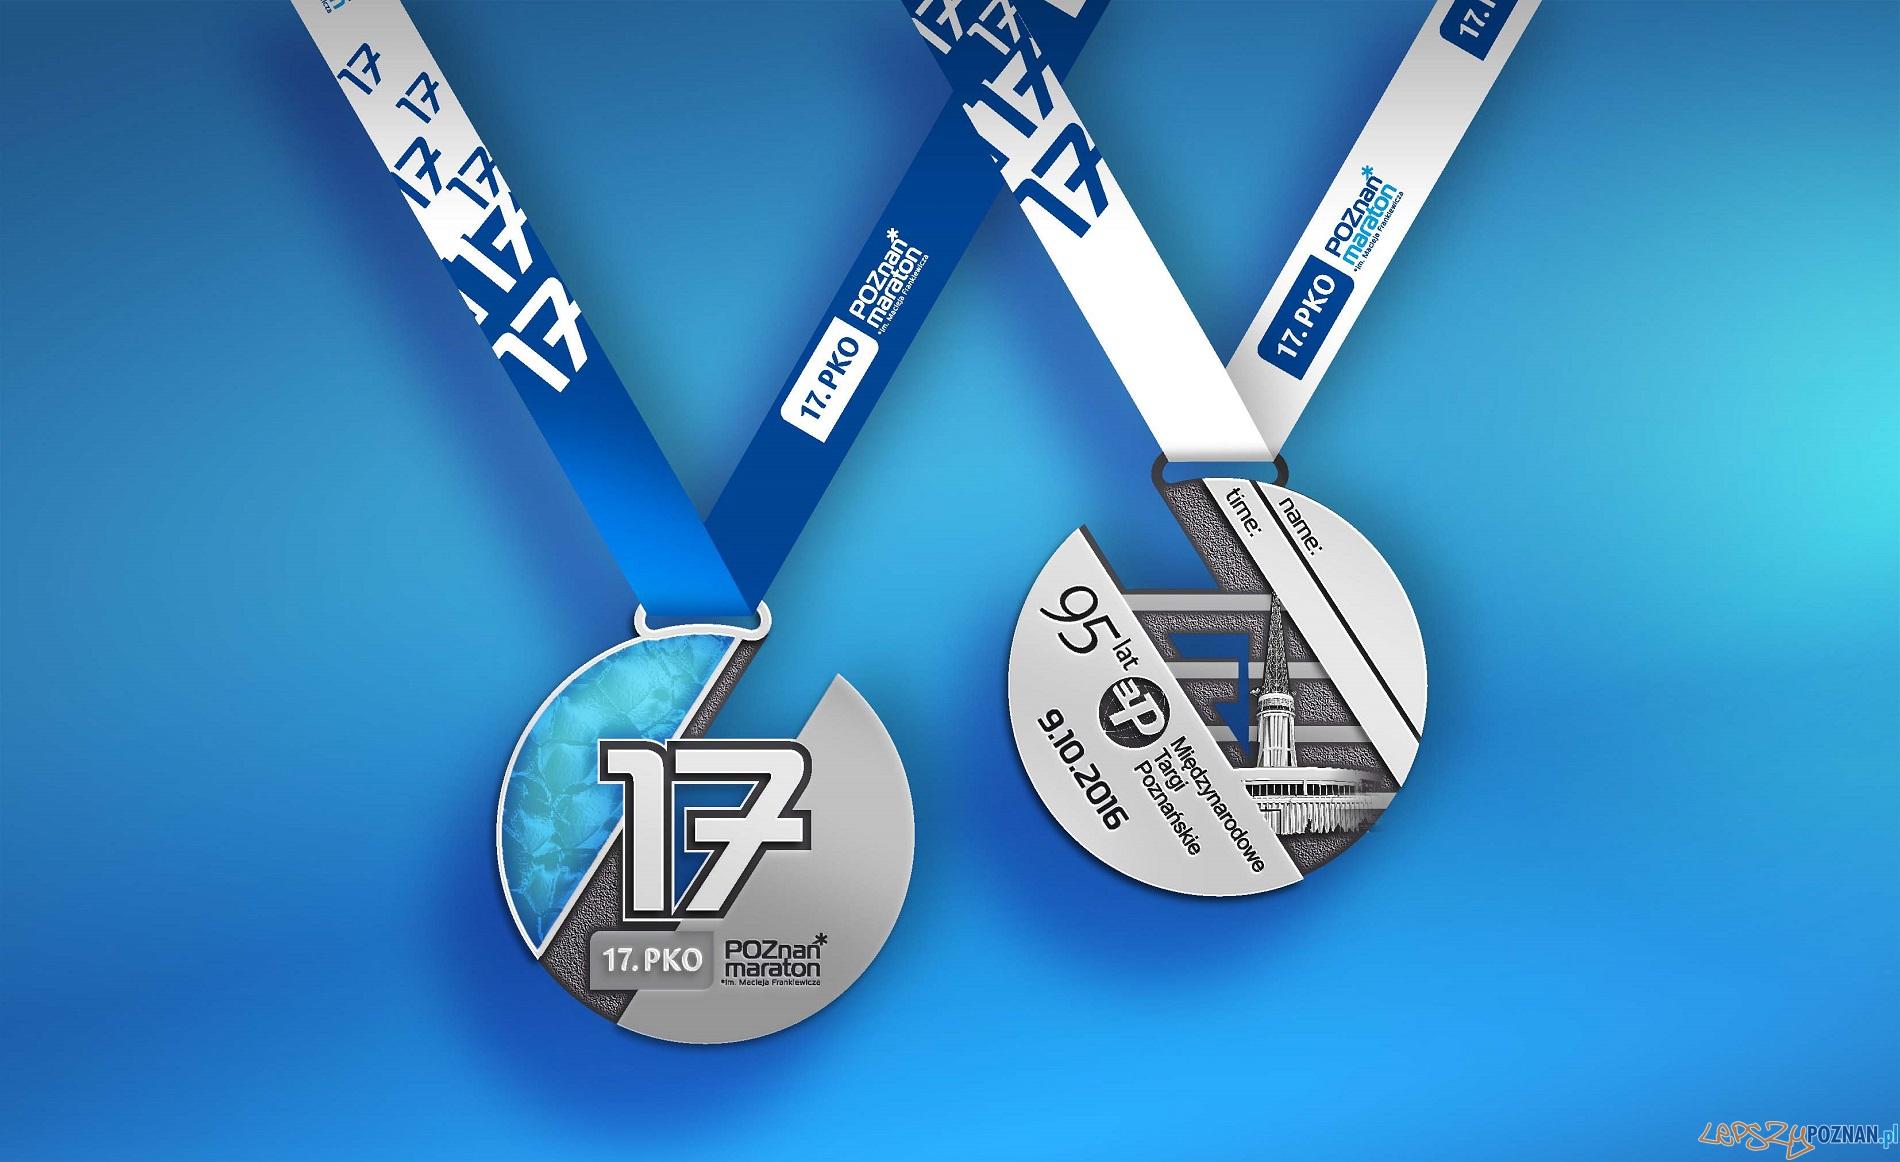 17. PKO Poznań Maraton - medal  Foto: materiały prasowe